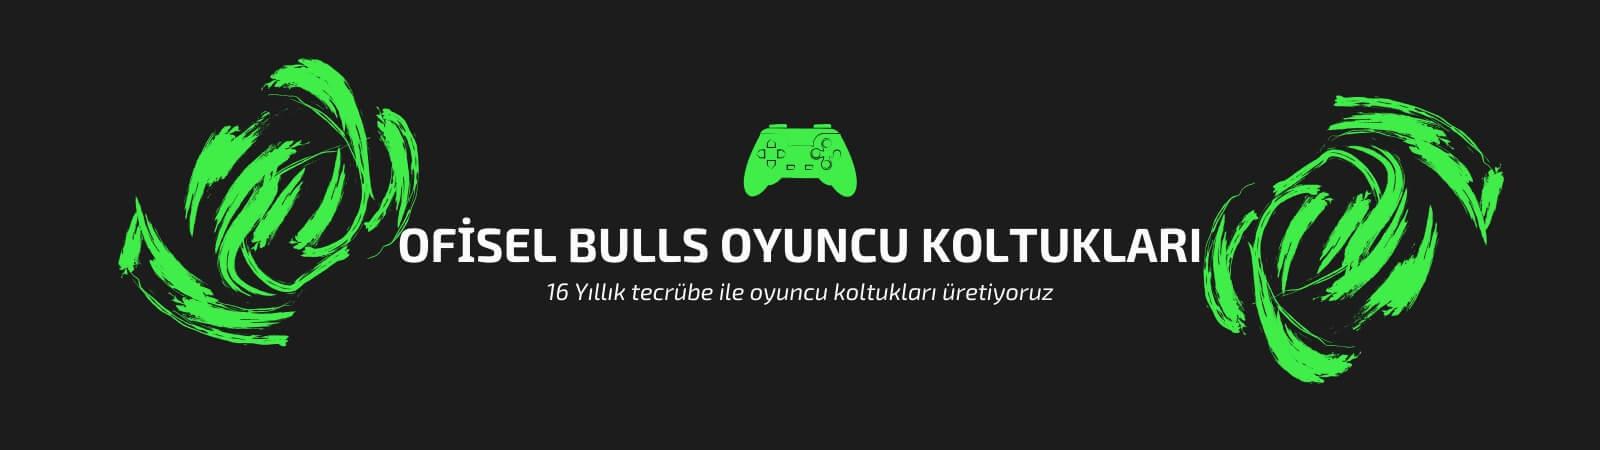 Bulls Oyuncu Koltukları Modelleri ve Fiyatları